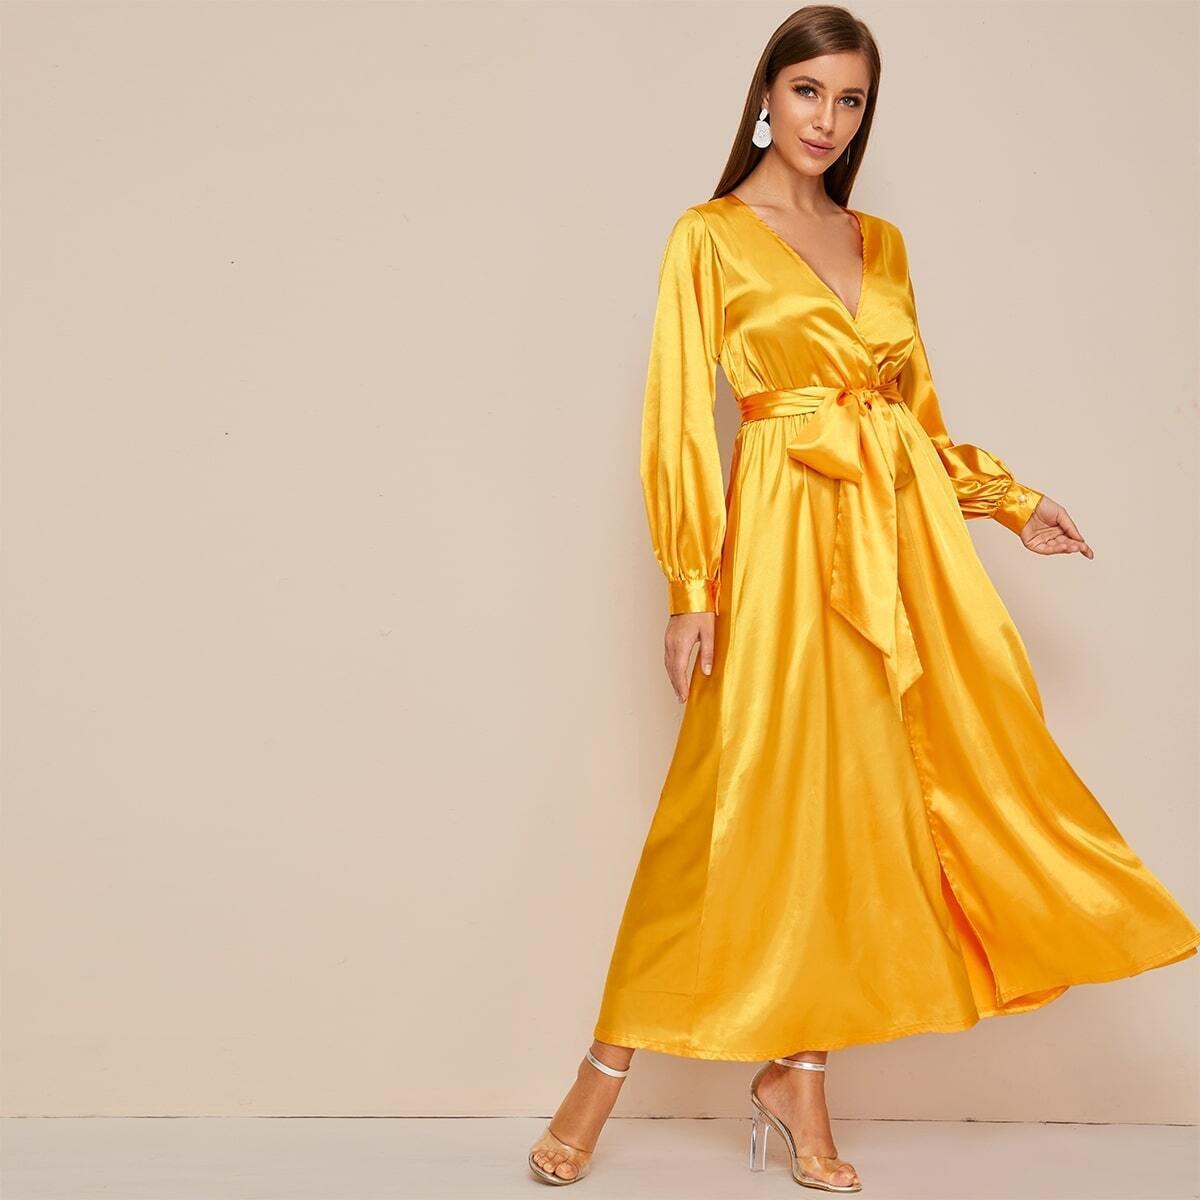 SHEIN / Kleid mit Gürtel und Schlitz